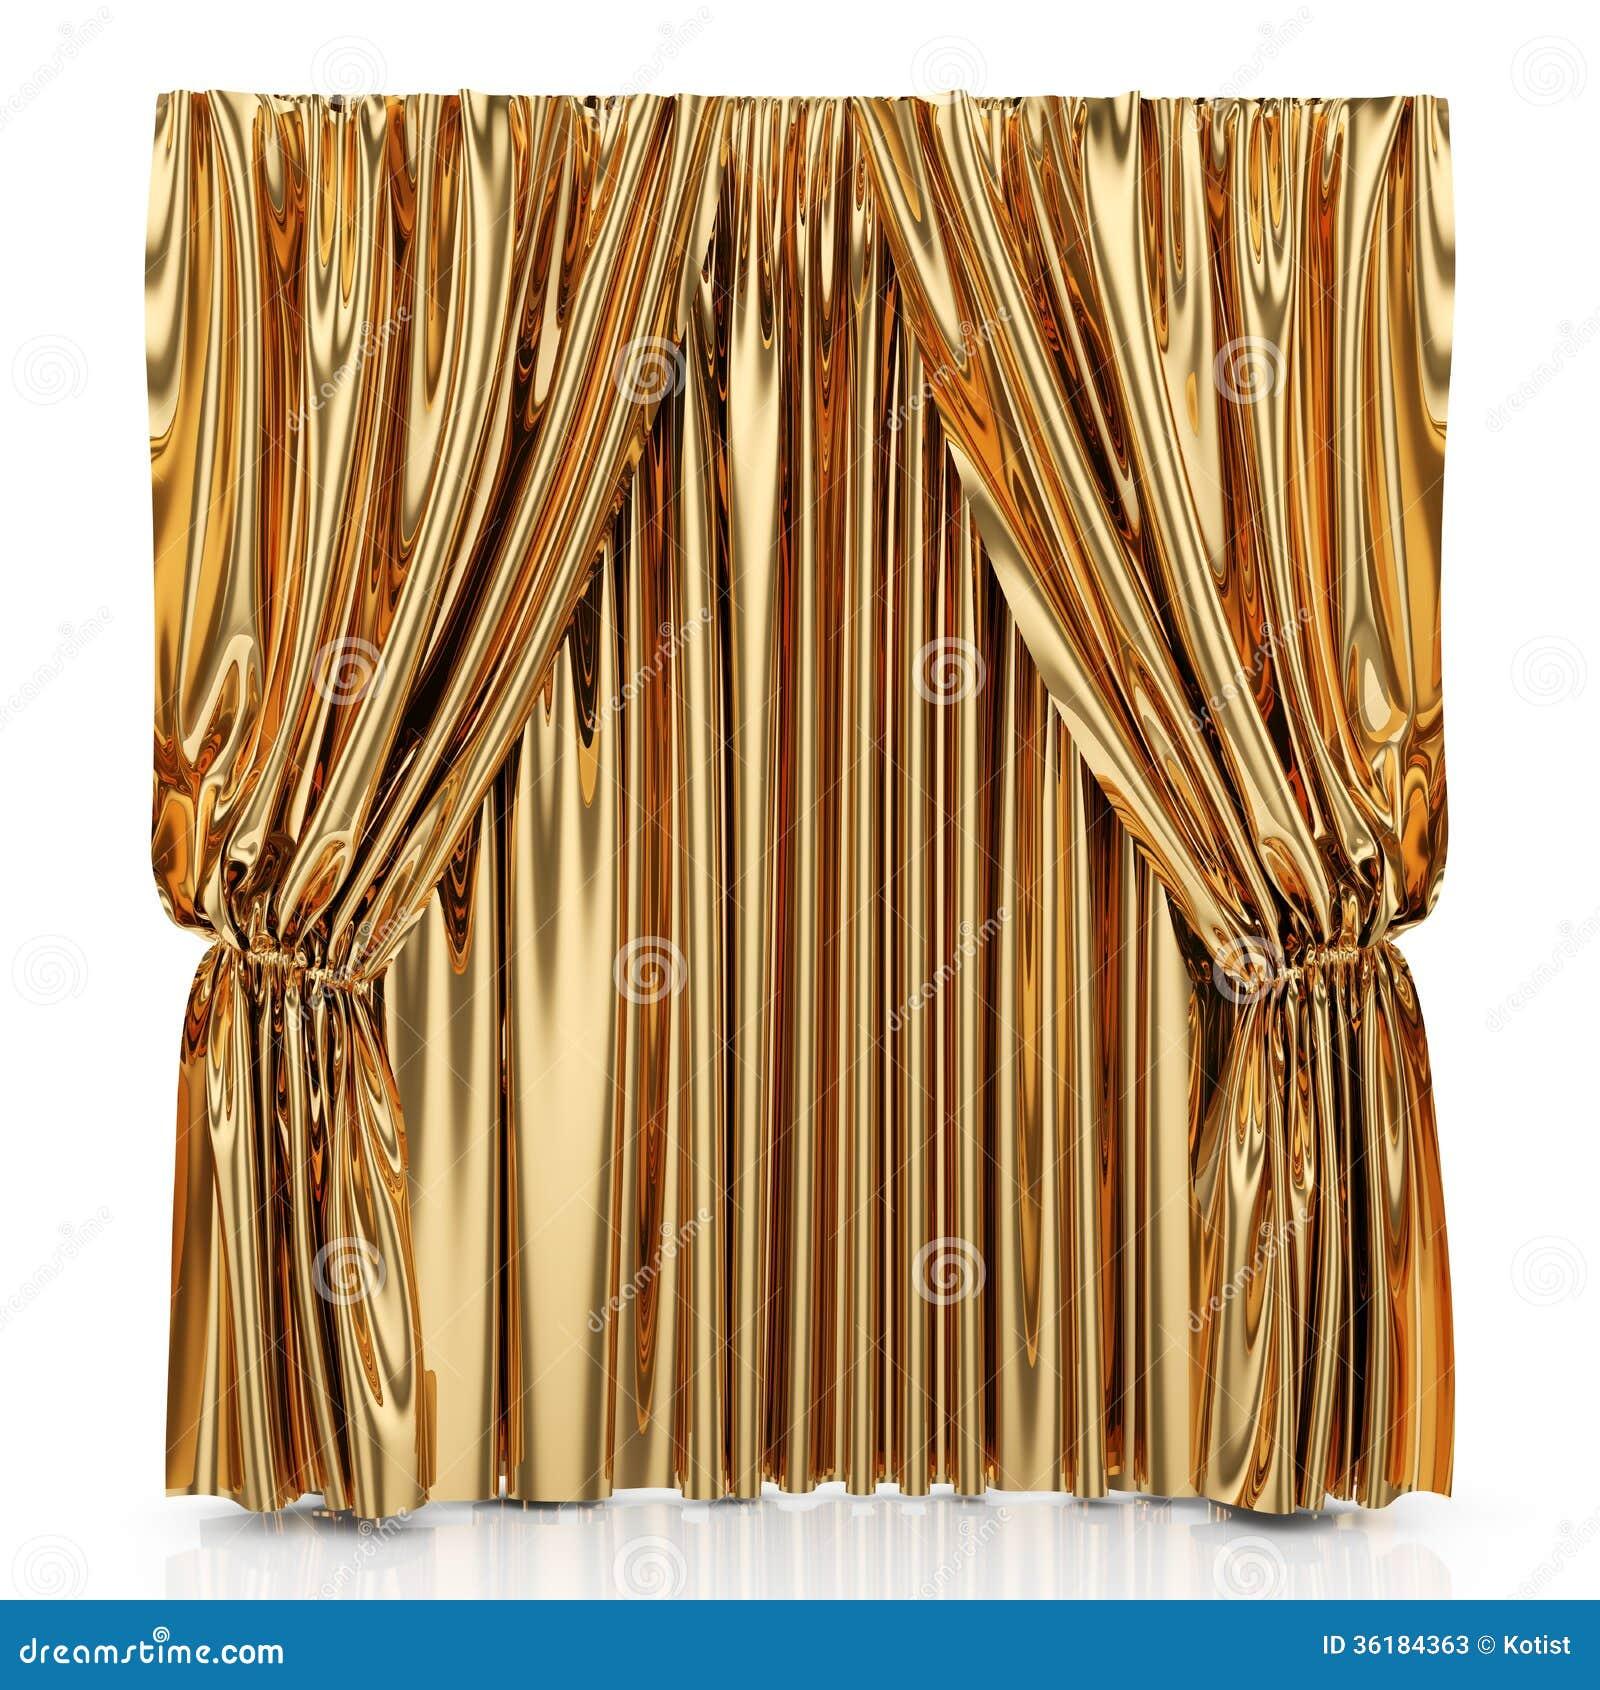 Golden Curtains Stock Photos - Image: 36184363